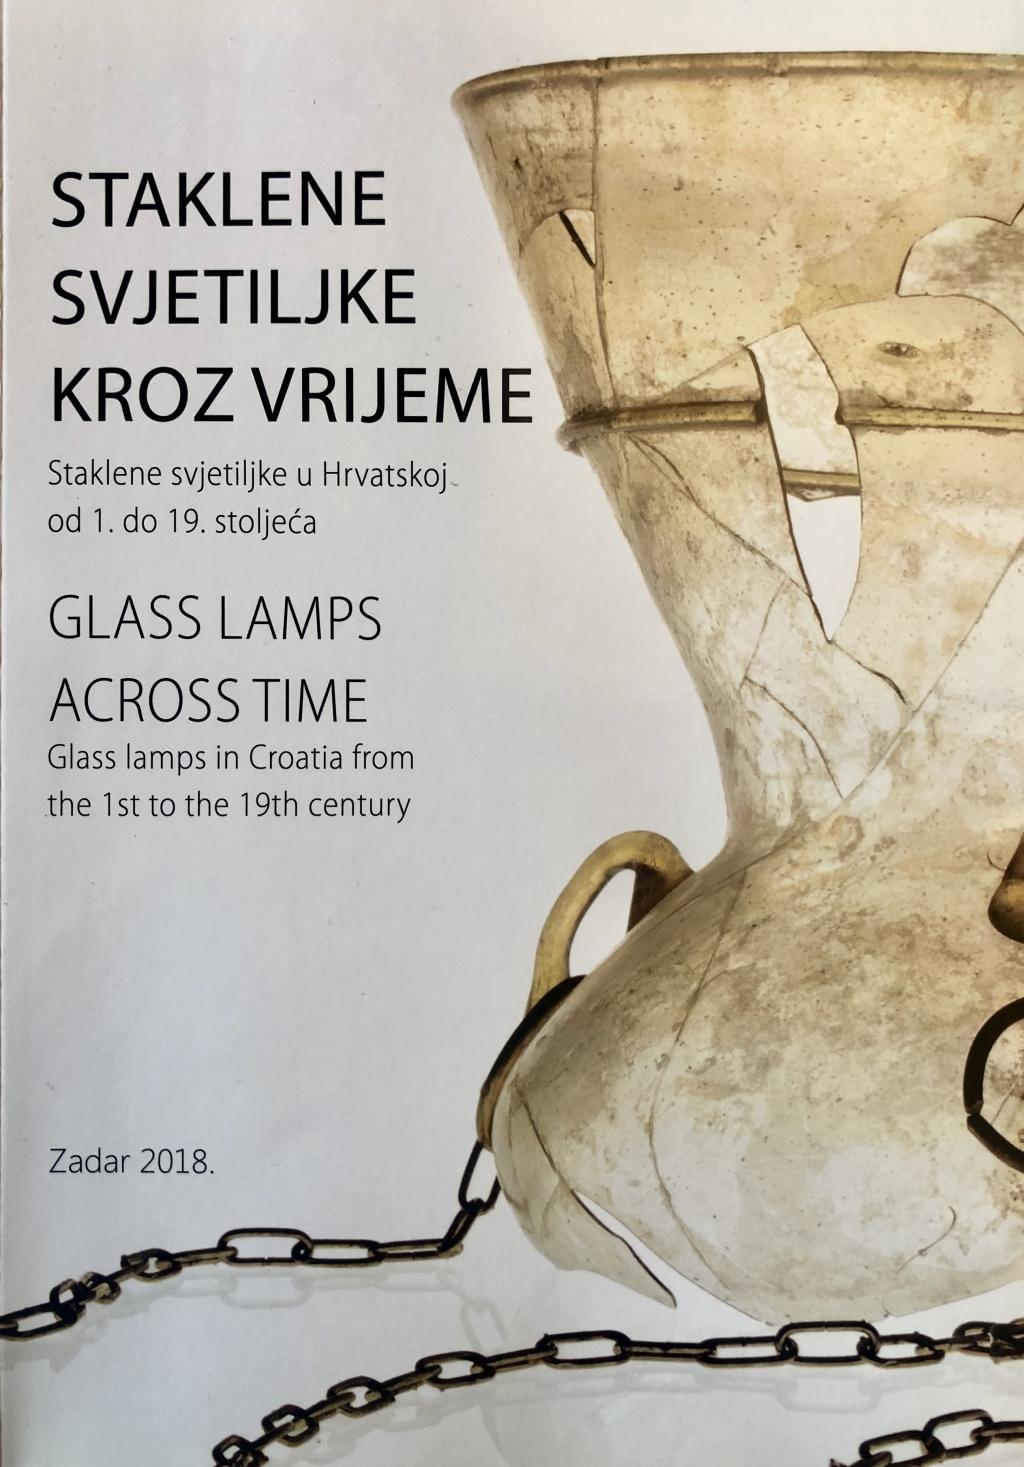 Staklene svjetiljke kroz vrijeme : staklene svjetiljke u Hrvatskoj od 1. do 19. stoljeća